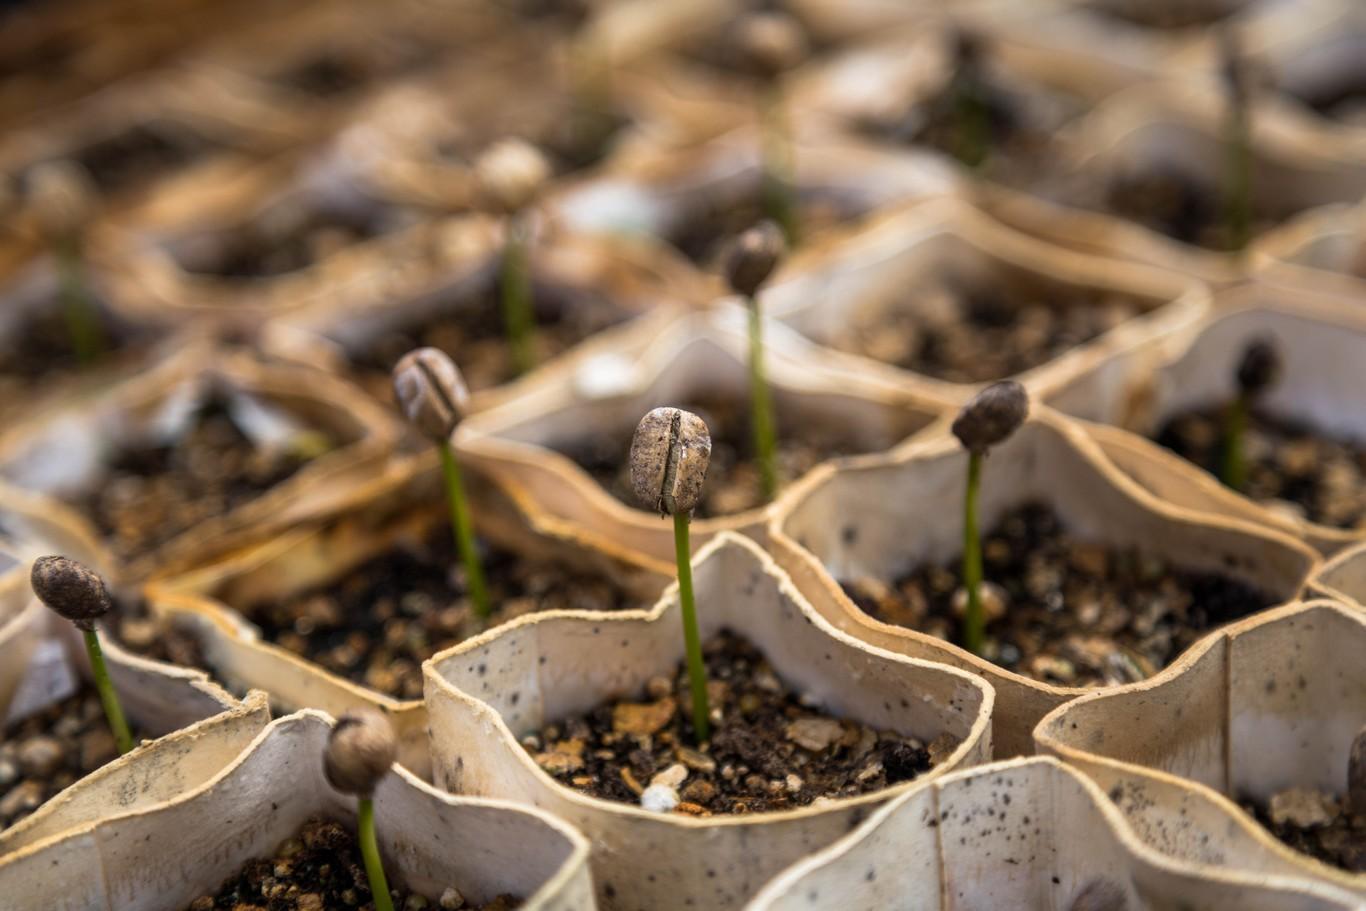 La Agricultura Orgánica Es Mucho Peor Para El Clima Que La